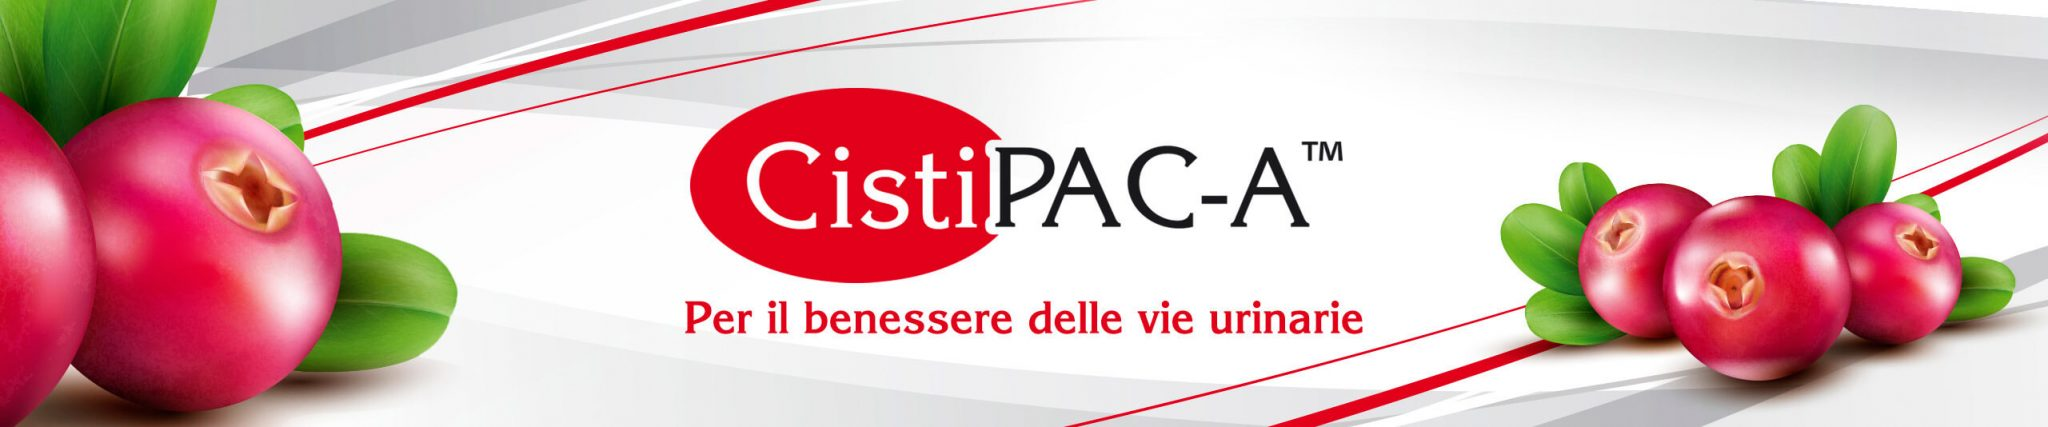 CistiPAC-A